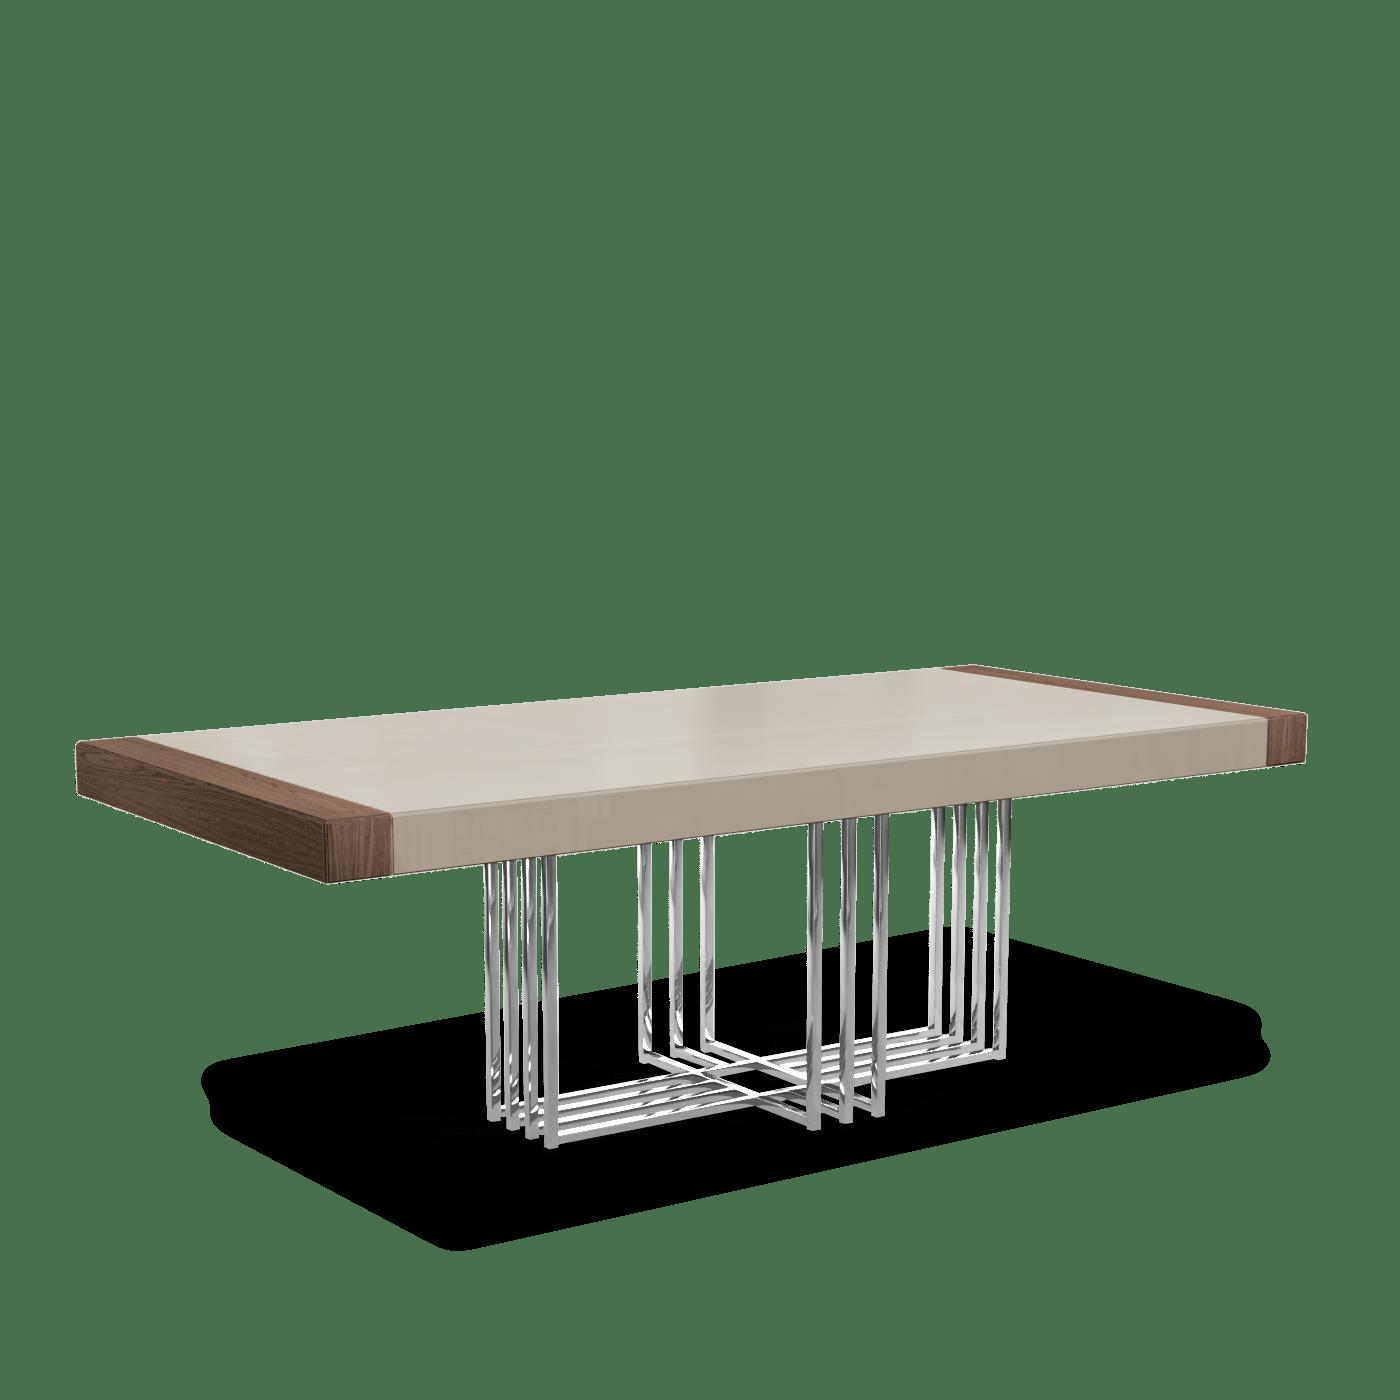 Holf dining Table